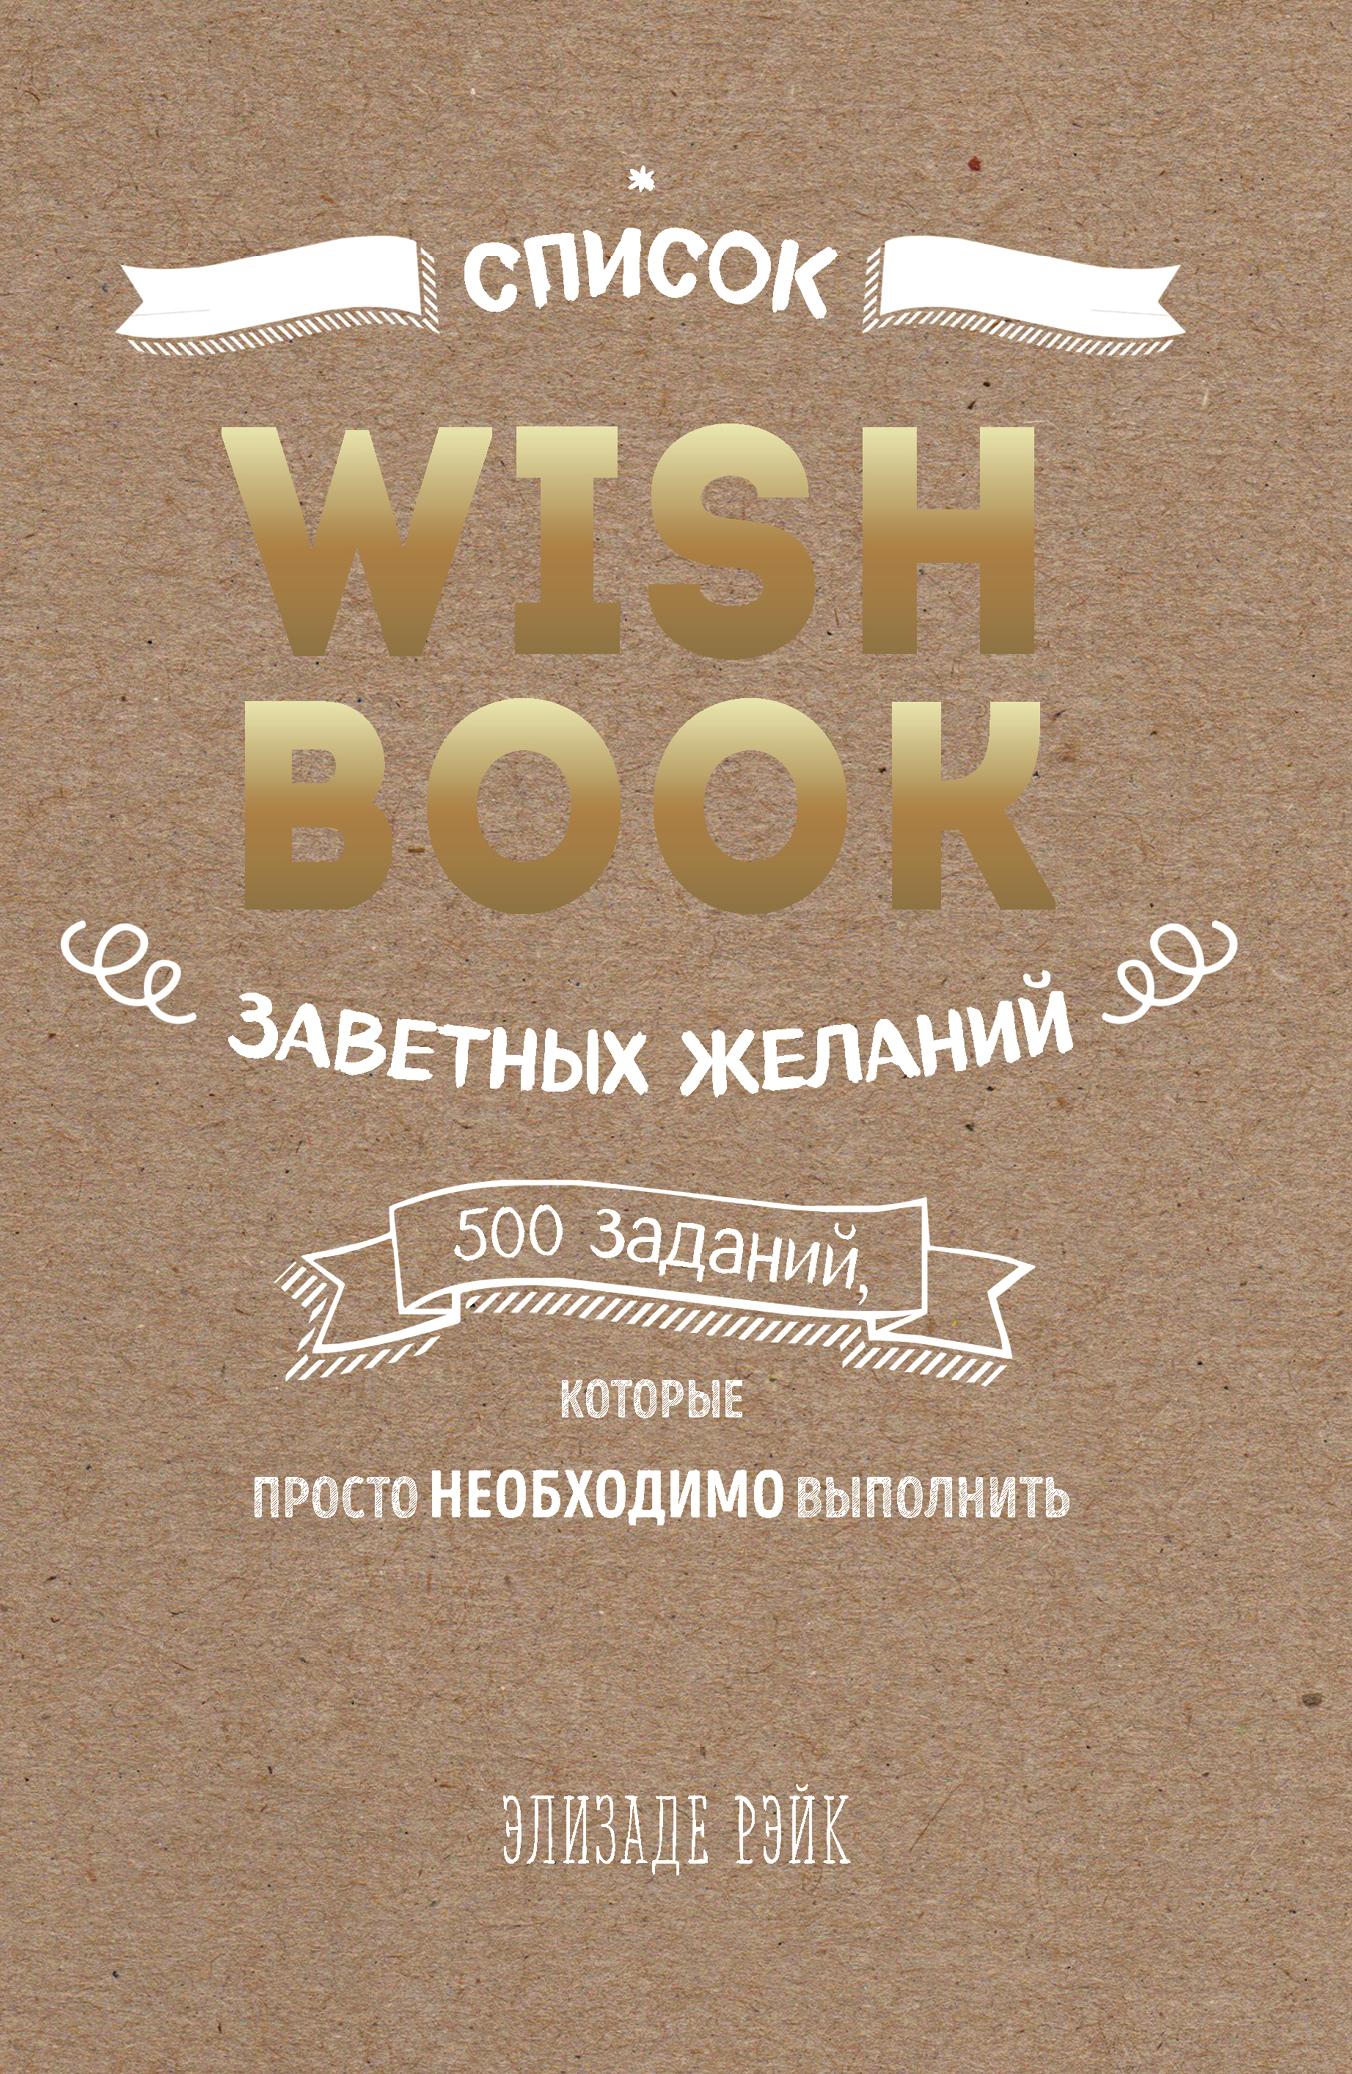 Элизаде Рэйк Wish Book. Заветные желания, которые могут исполниться ISBN: 978-5-699-90674-1 сергеева п welcom to жизнь о которой вы всегда мечтали